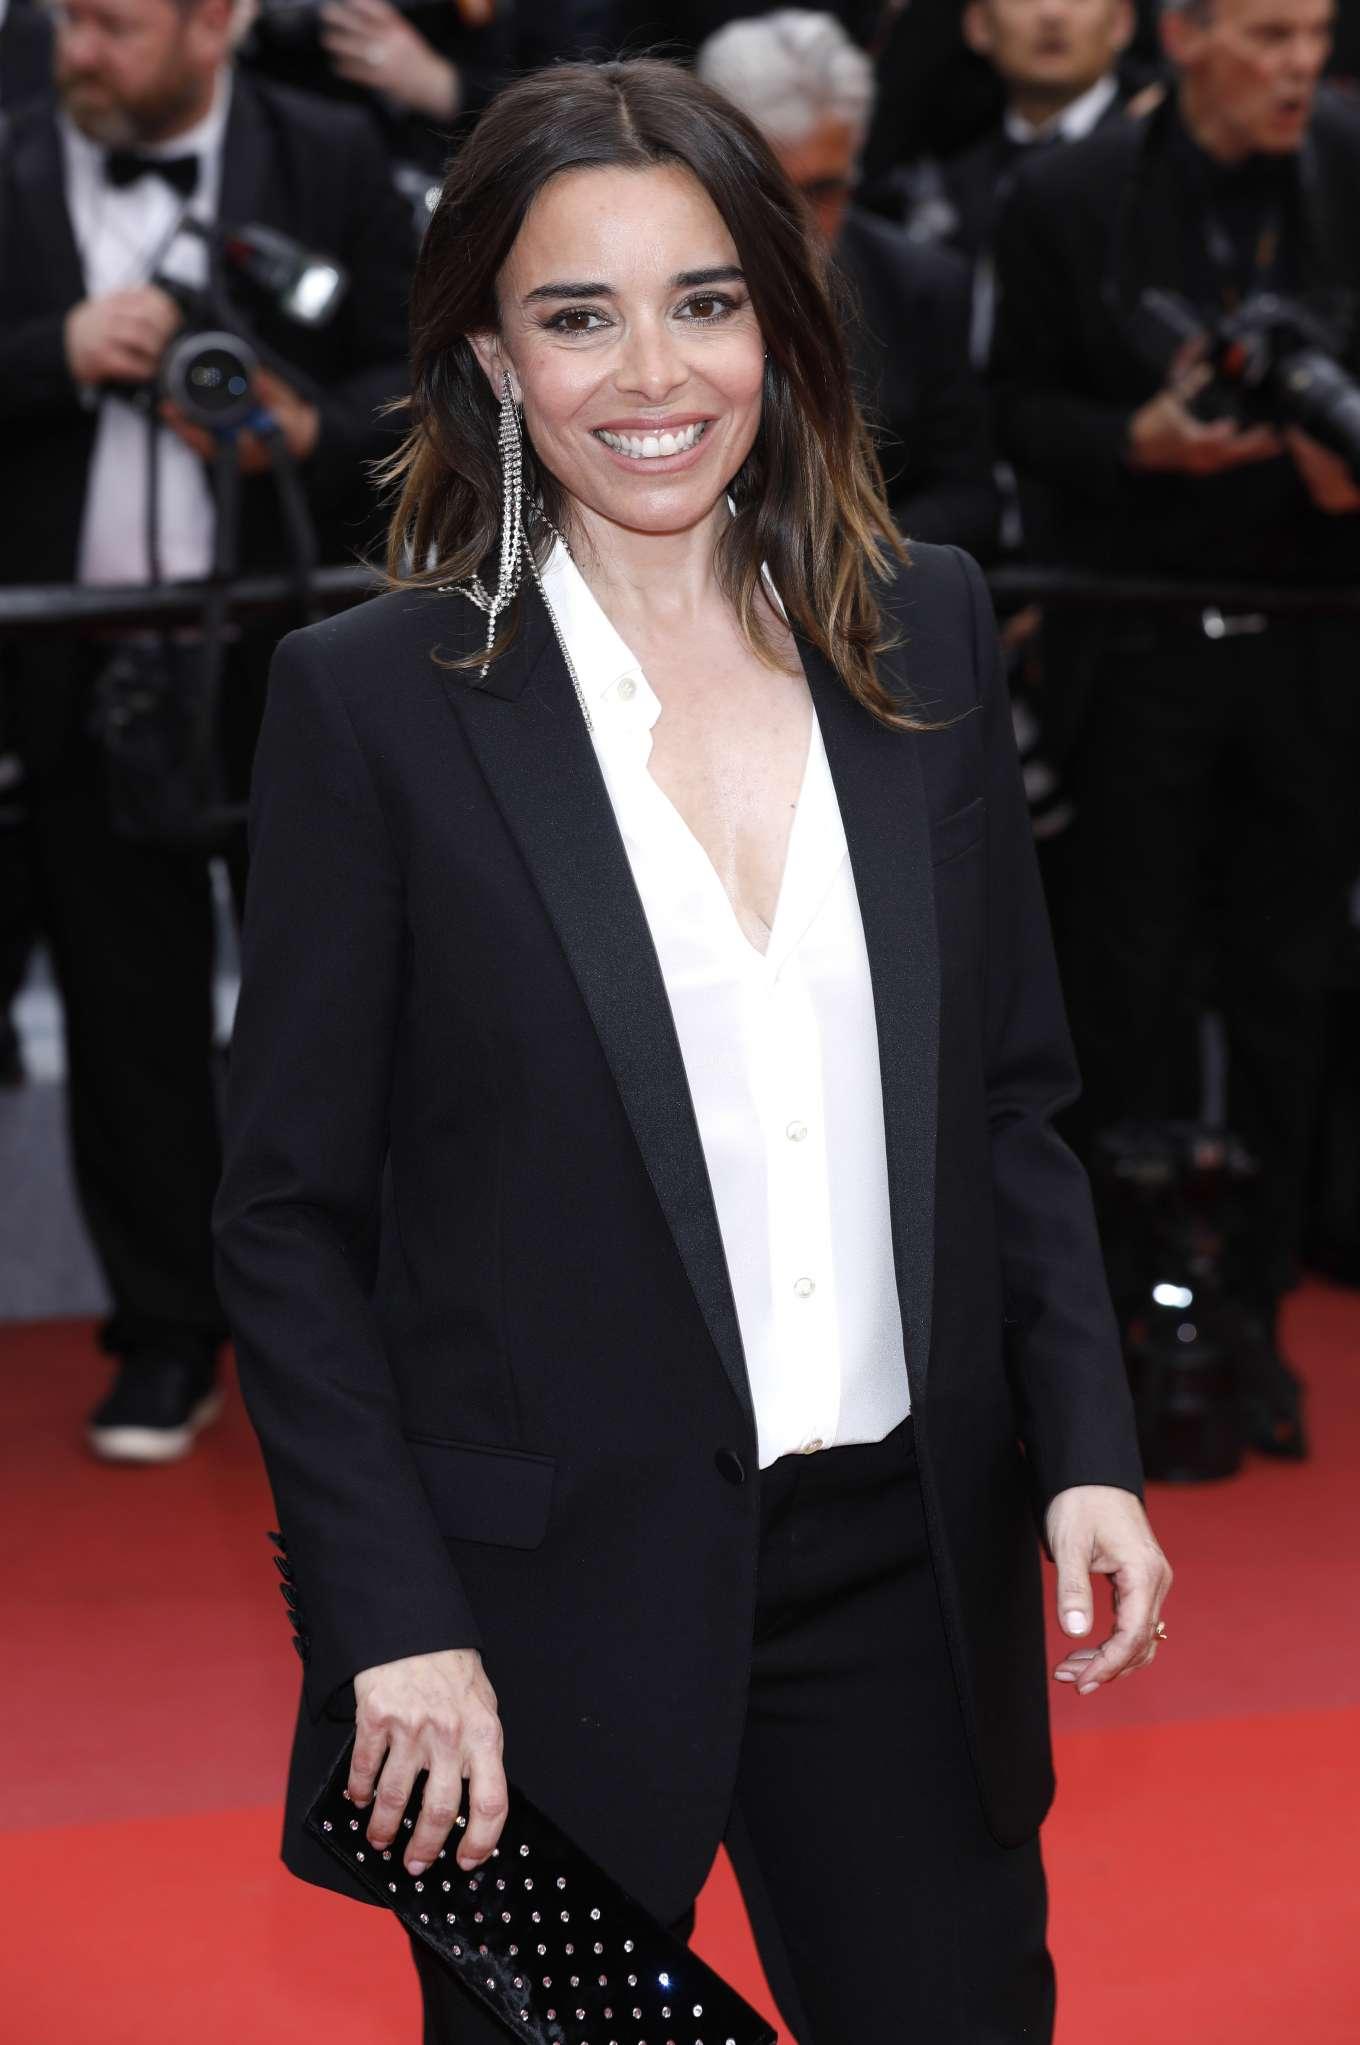 Elodie Bouchez 2019 : Elodie Bouchez: La Belle Epoque Premiere at 2019 Cannes Film Festival-04